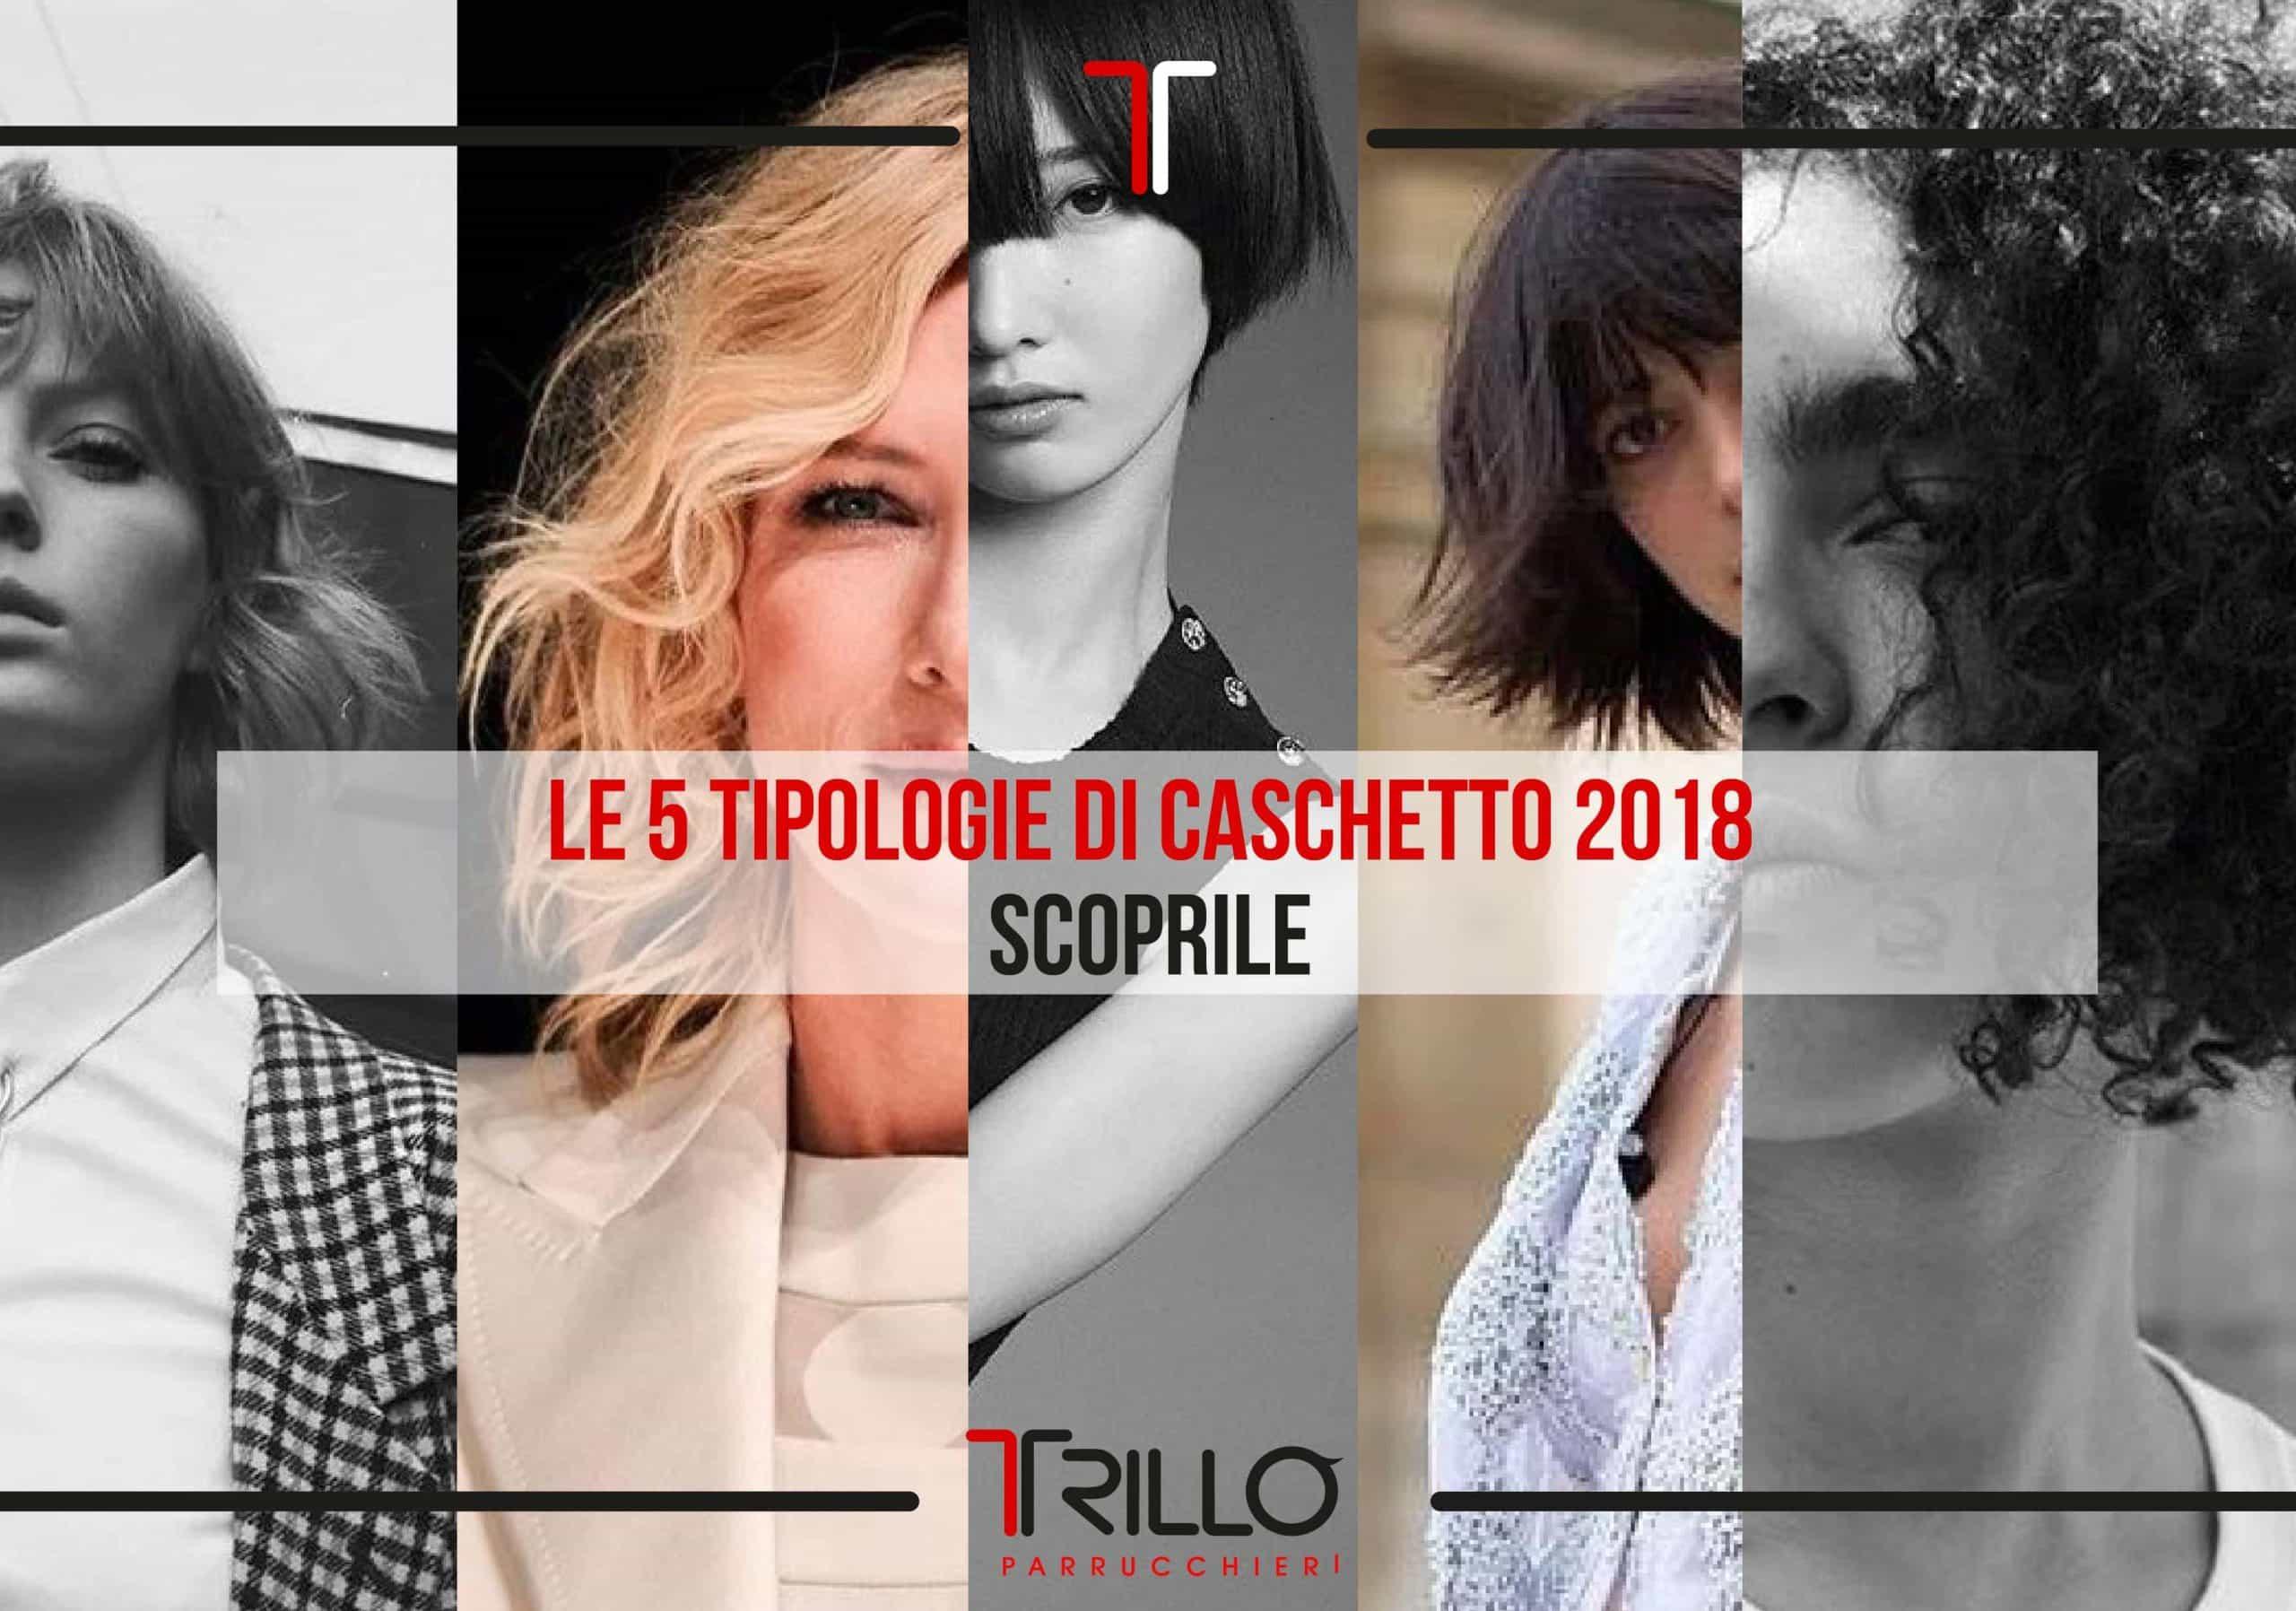 Le 5 tipologie di Caschetto 2018 Scoprile